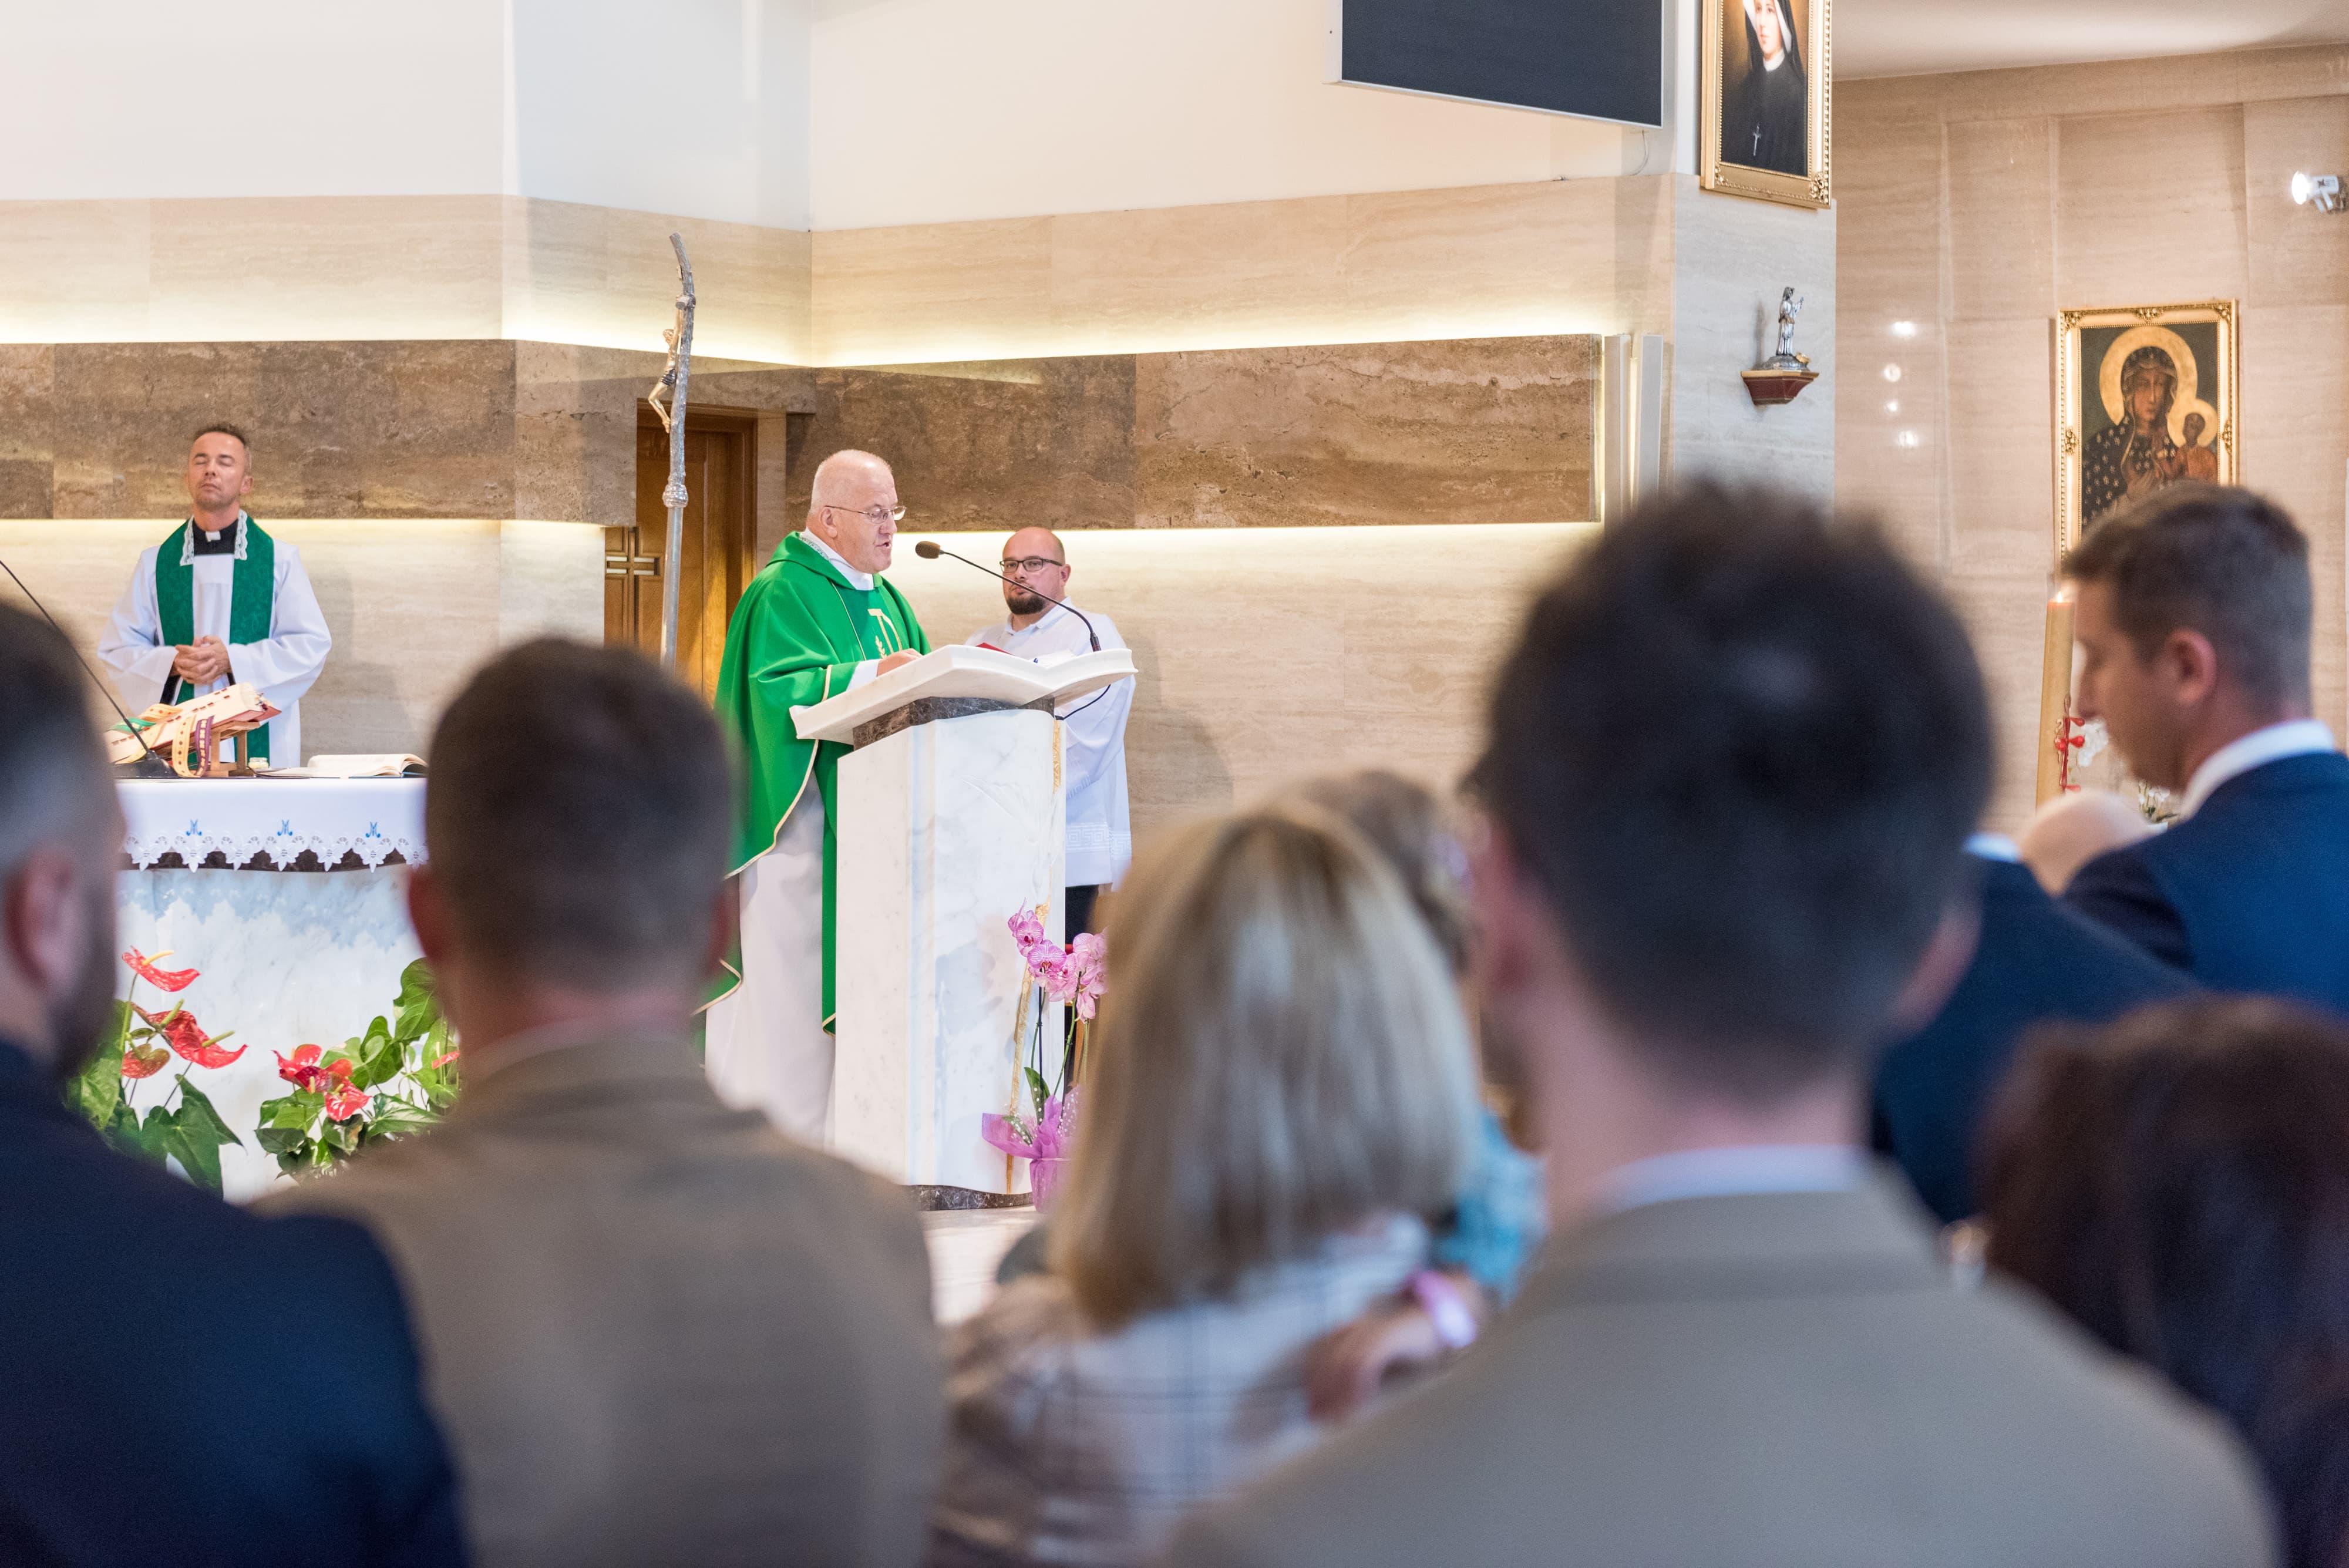 fotograf na chrzest kościół zdjęcia Warszawa Jacek Daszewski